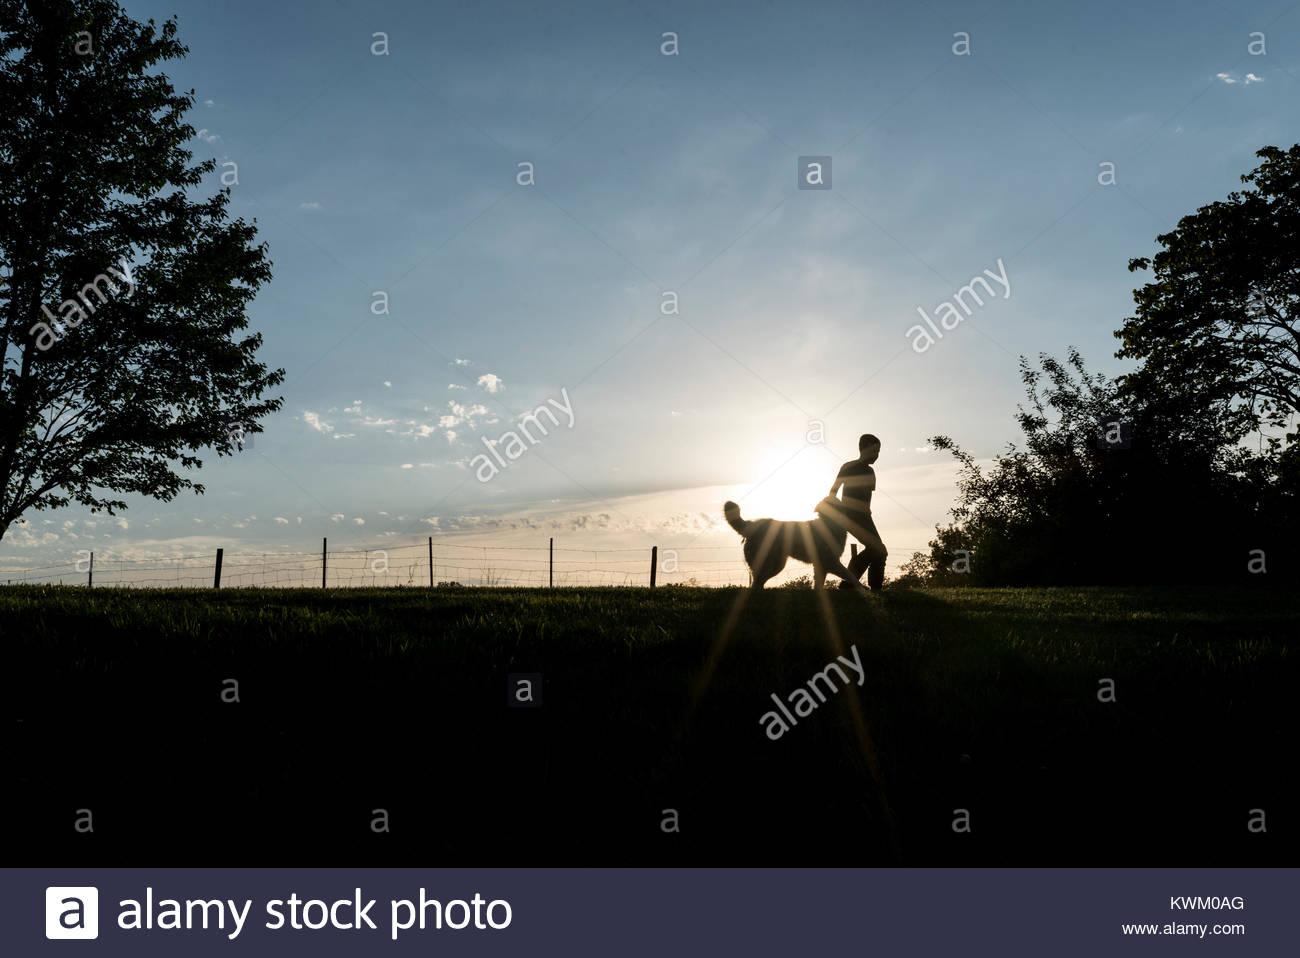 Silhouette ragazzo con cane sul campo contro il cielo durante il tramonto Immagini Stock